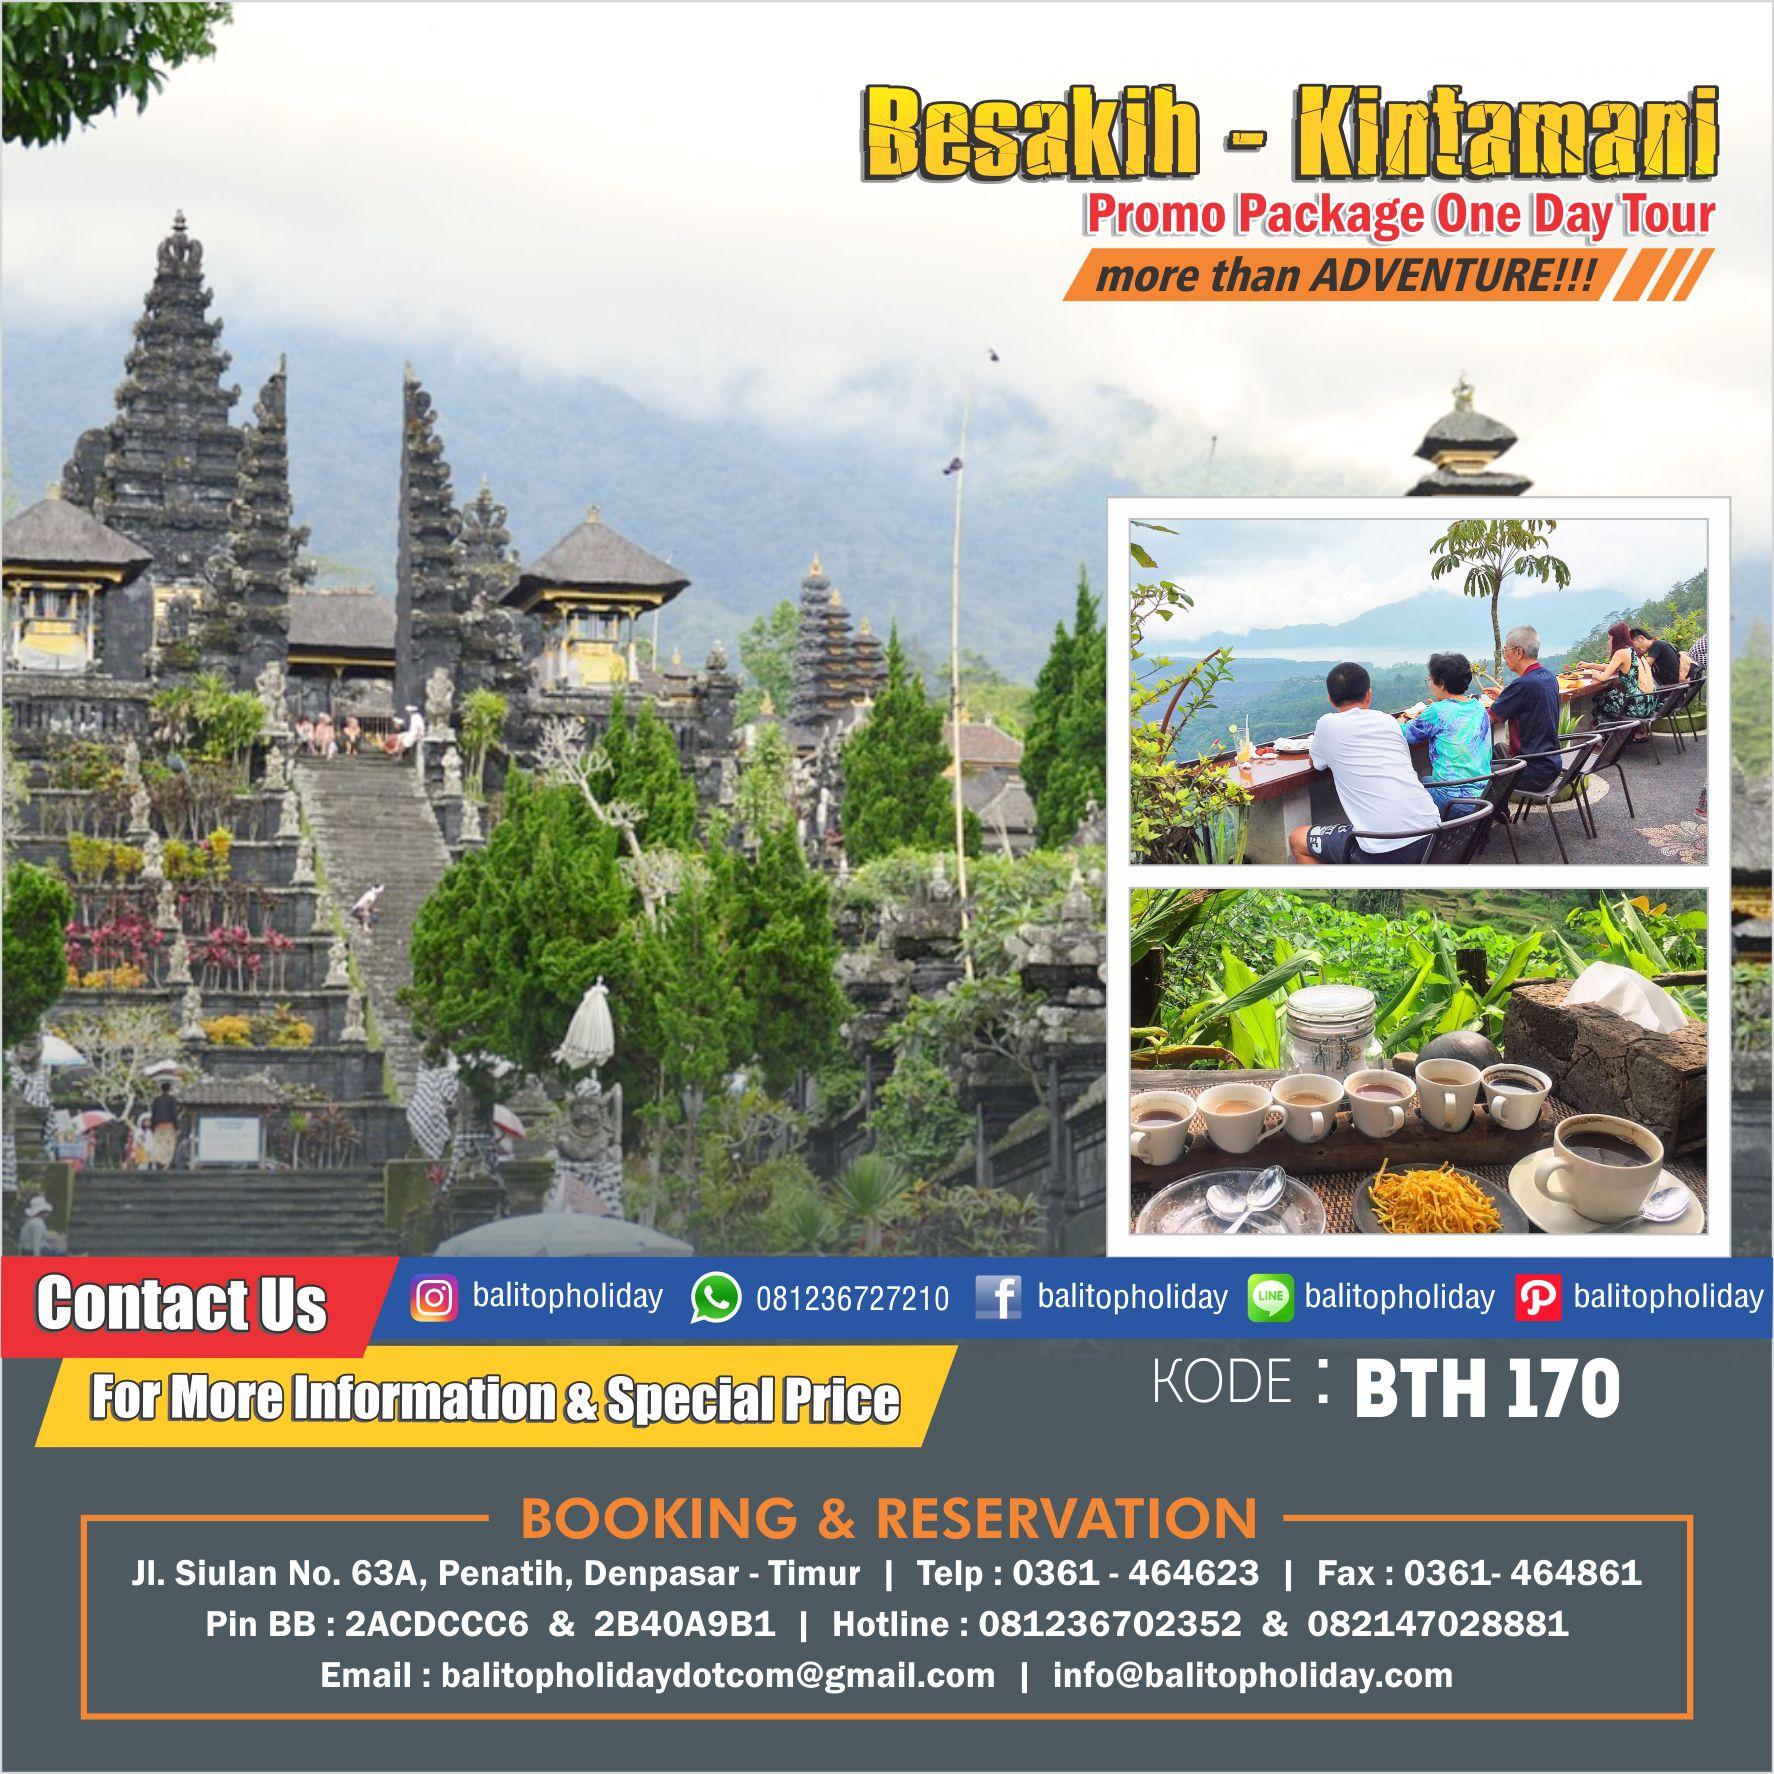 Paket One Day Tour Besakih-Kintamani BTH 170